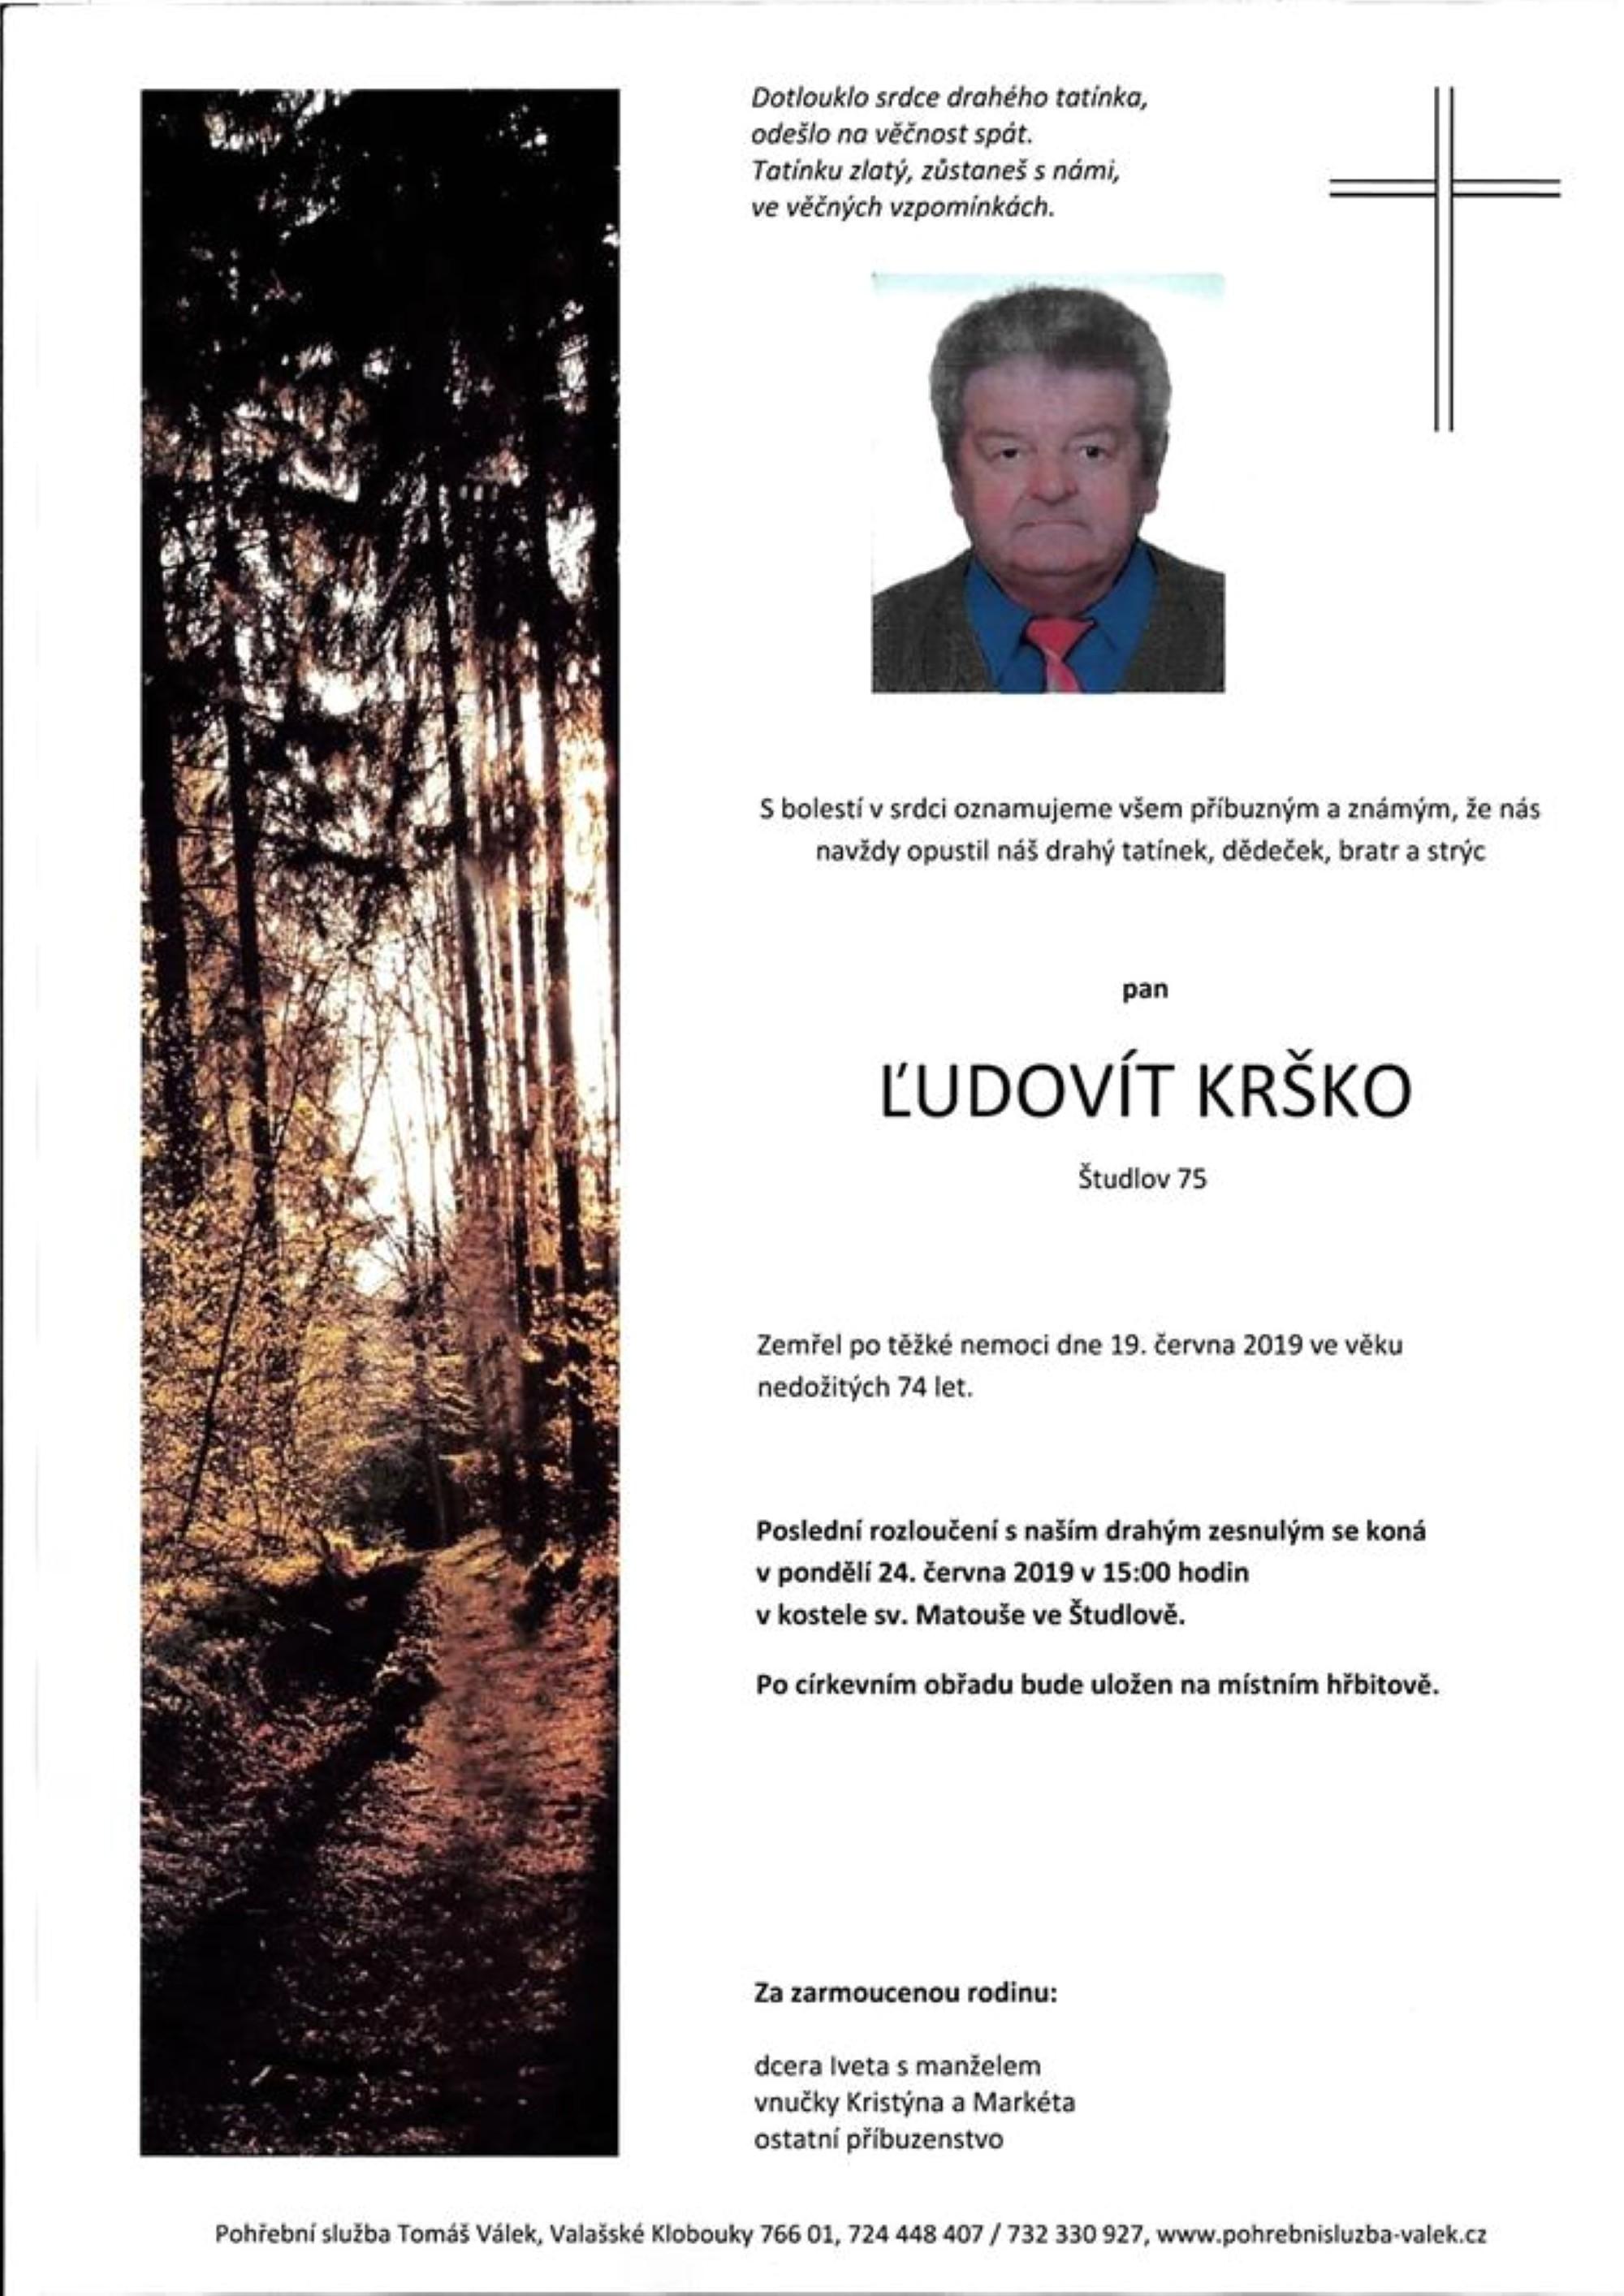 Ľudovít Krško